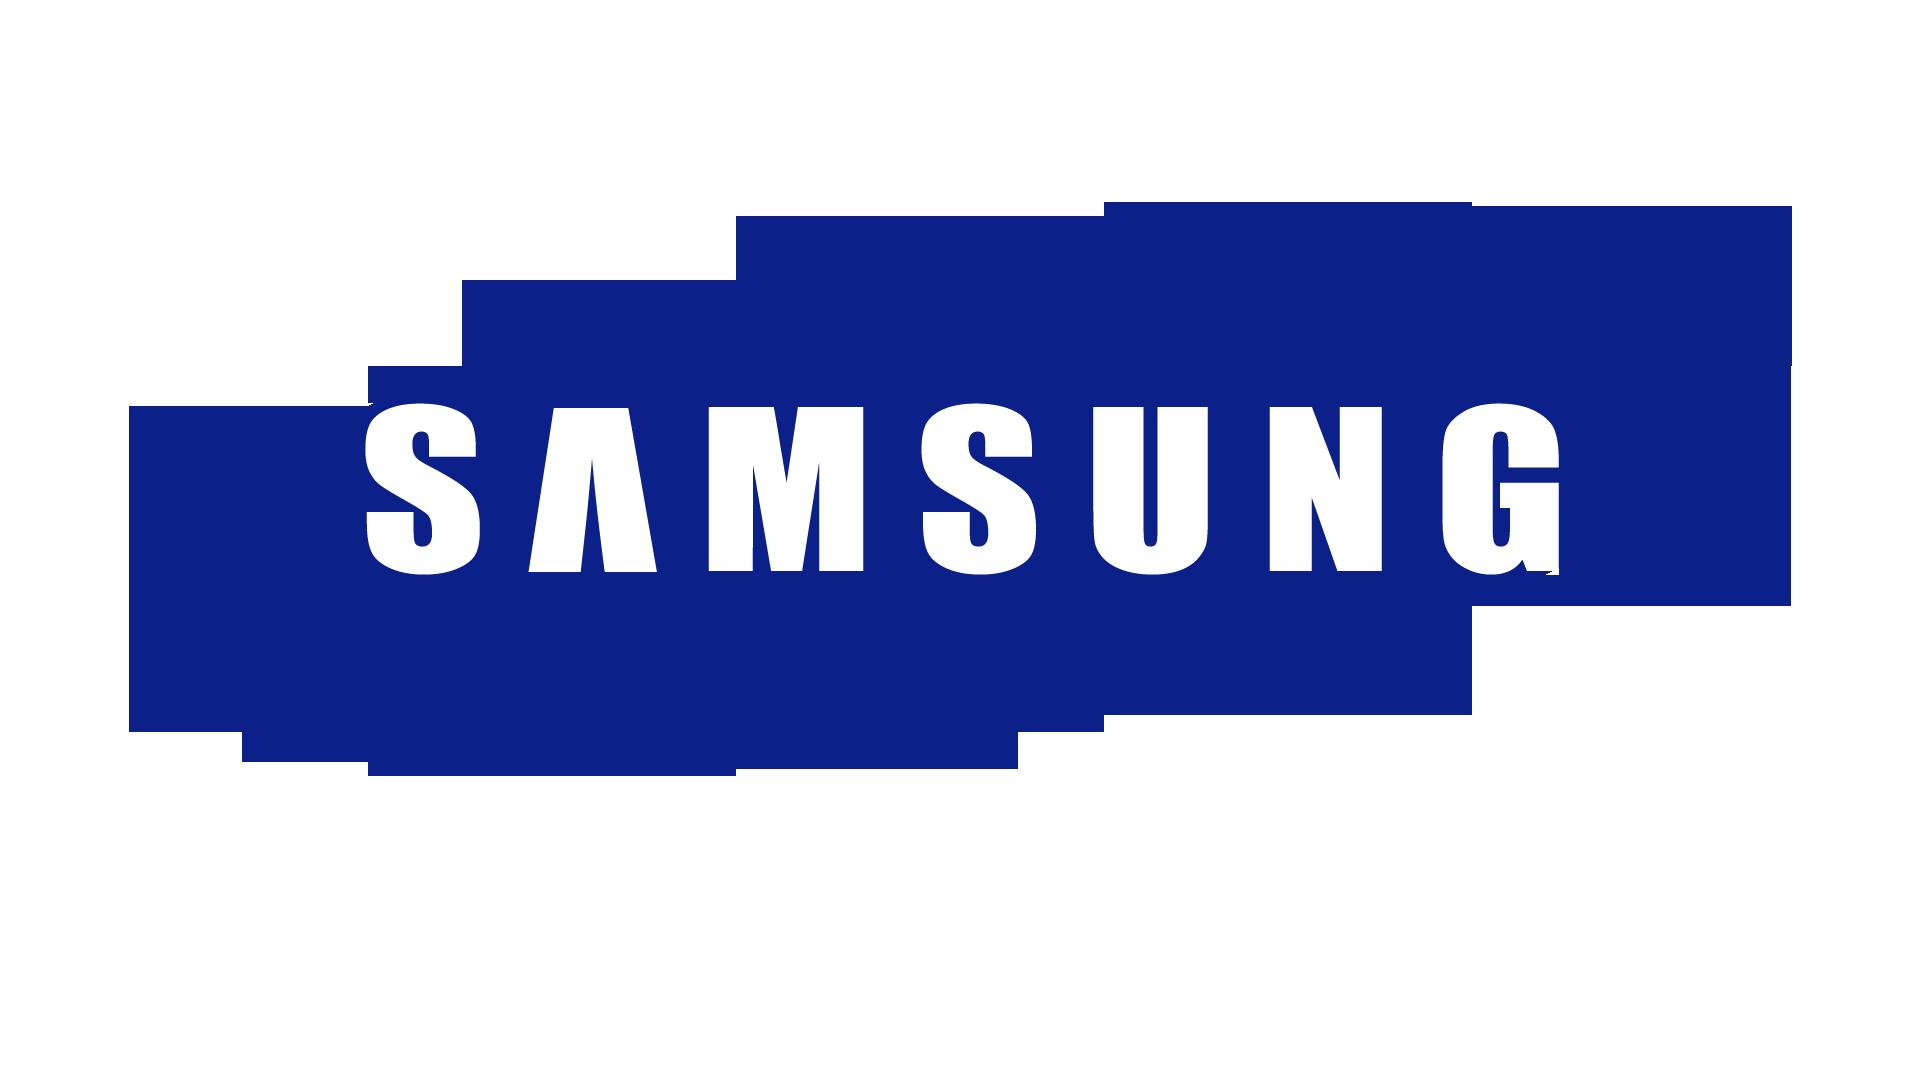 SAMSUNG TABLETS & SMARTPHONES